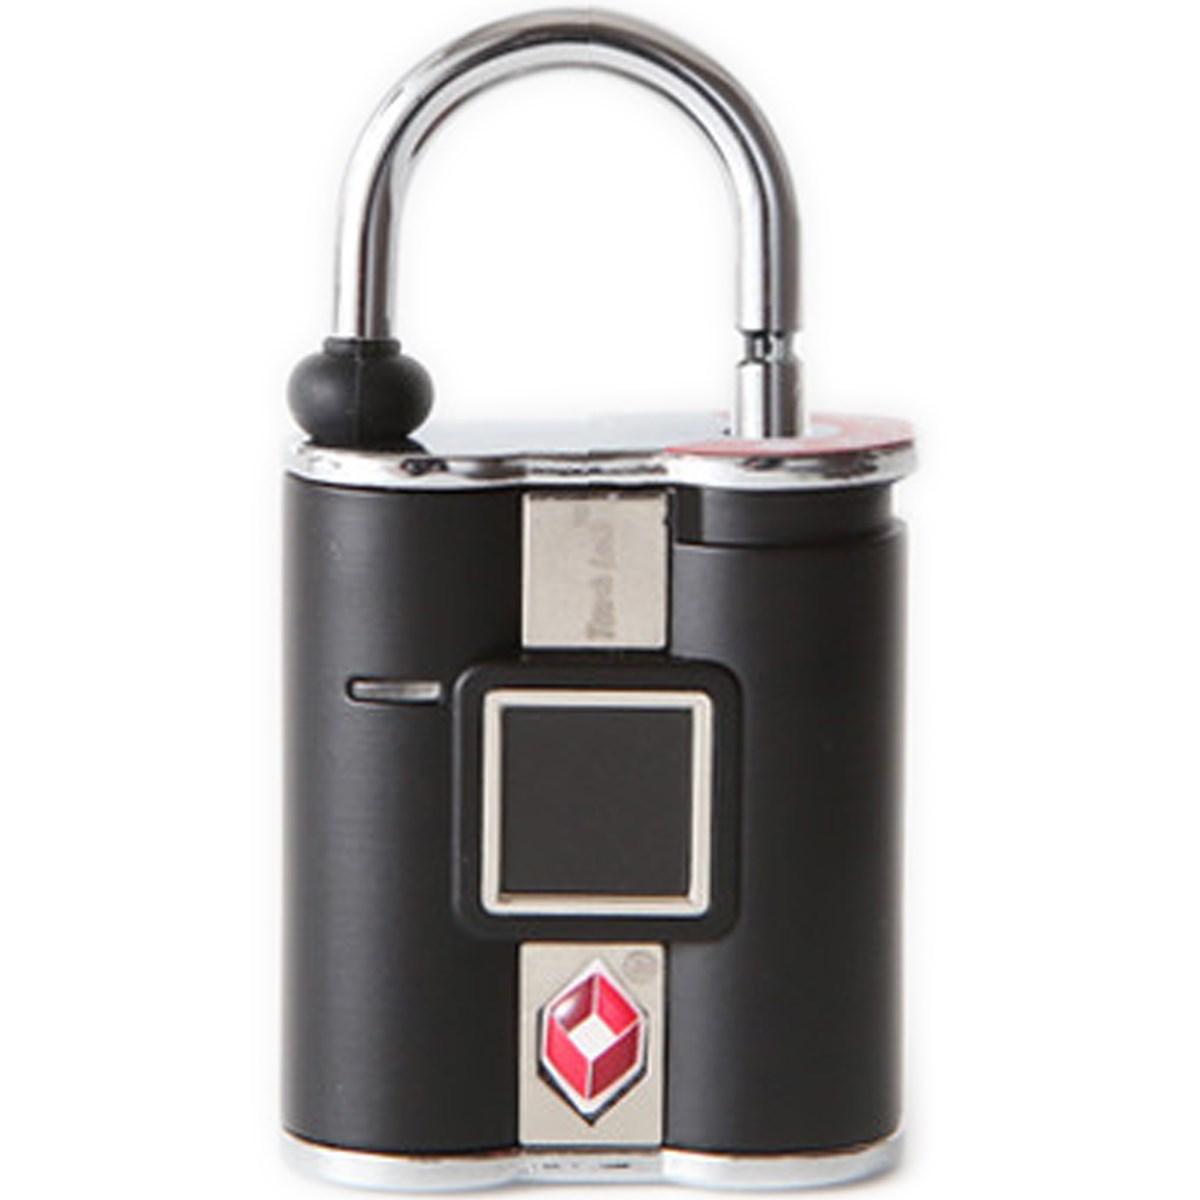 TouchLock TSA 指紋認証型スマート南京錠 ブラック